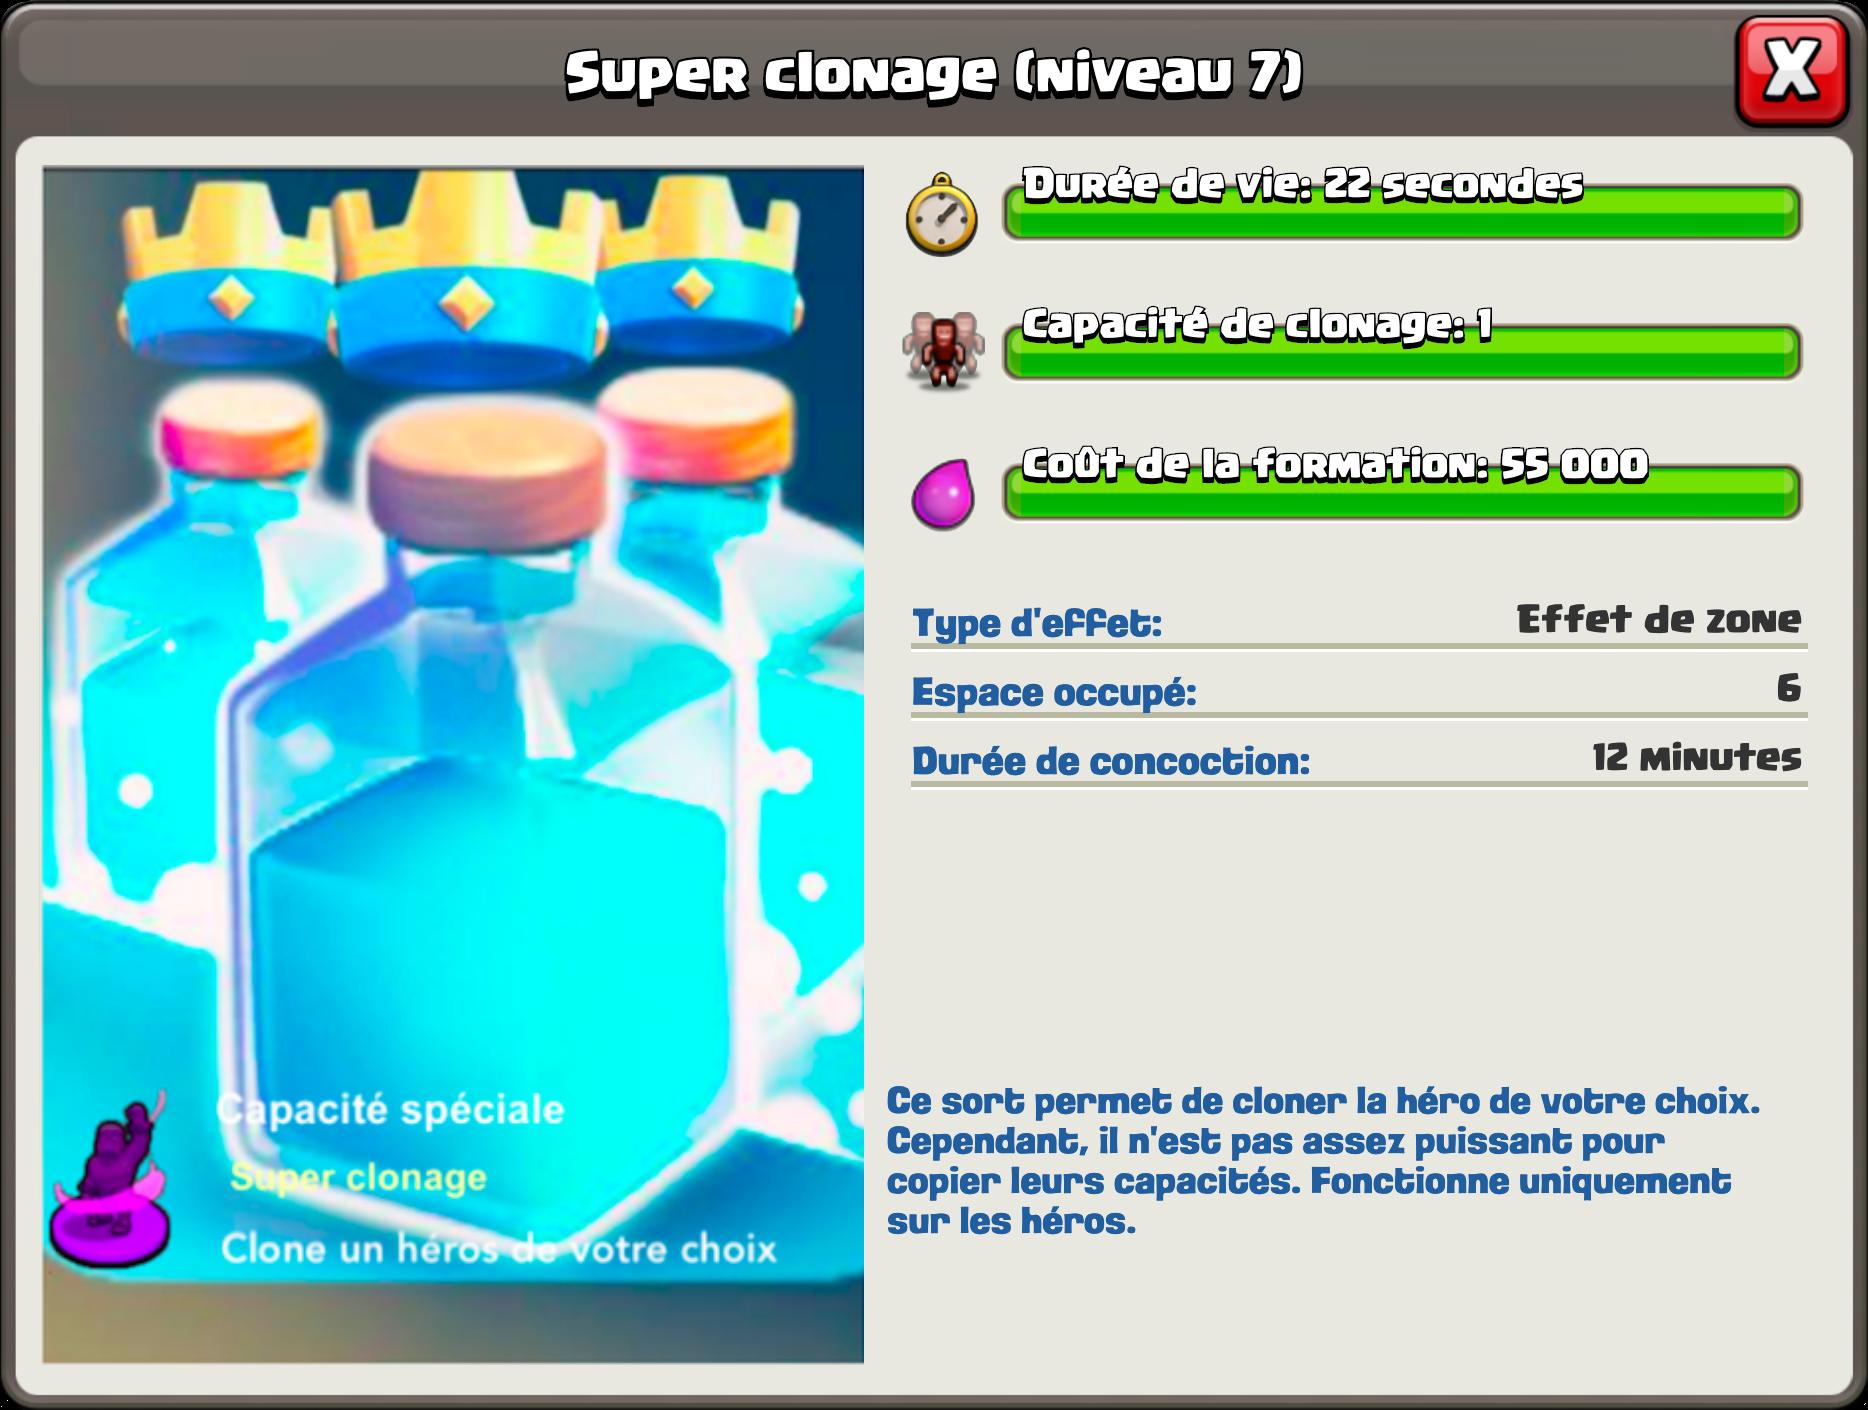 Level 7 Super clonage_FQ.png